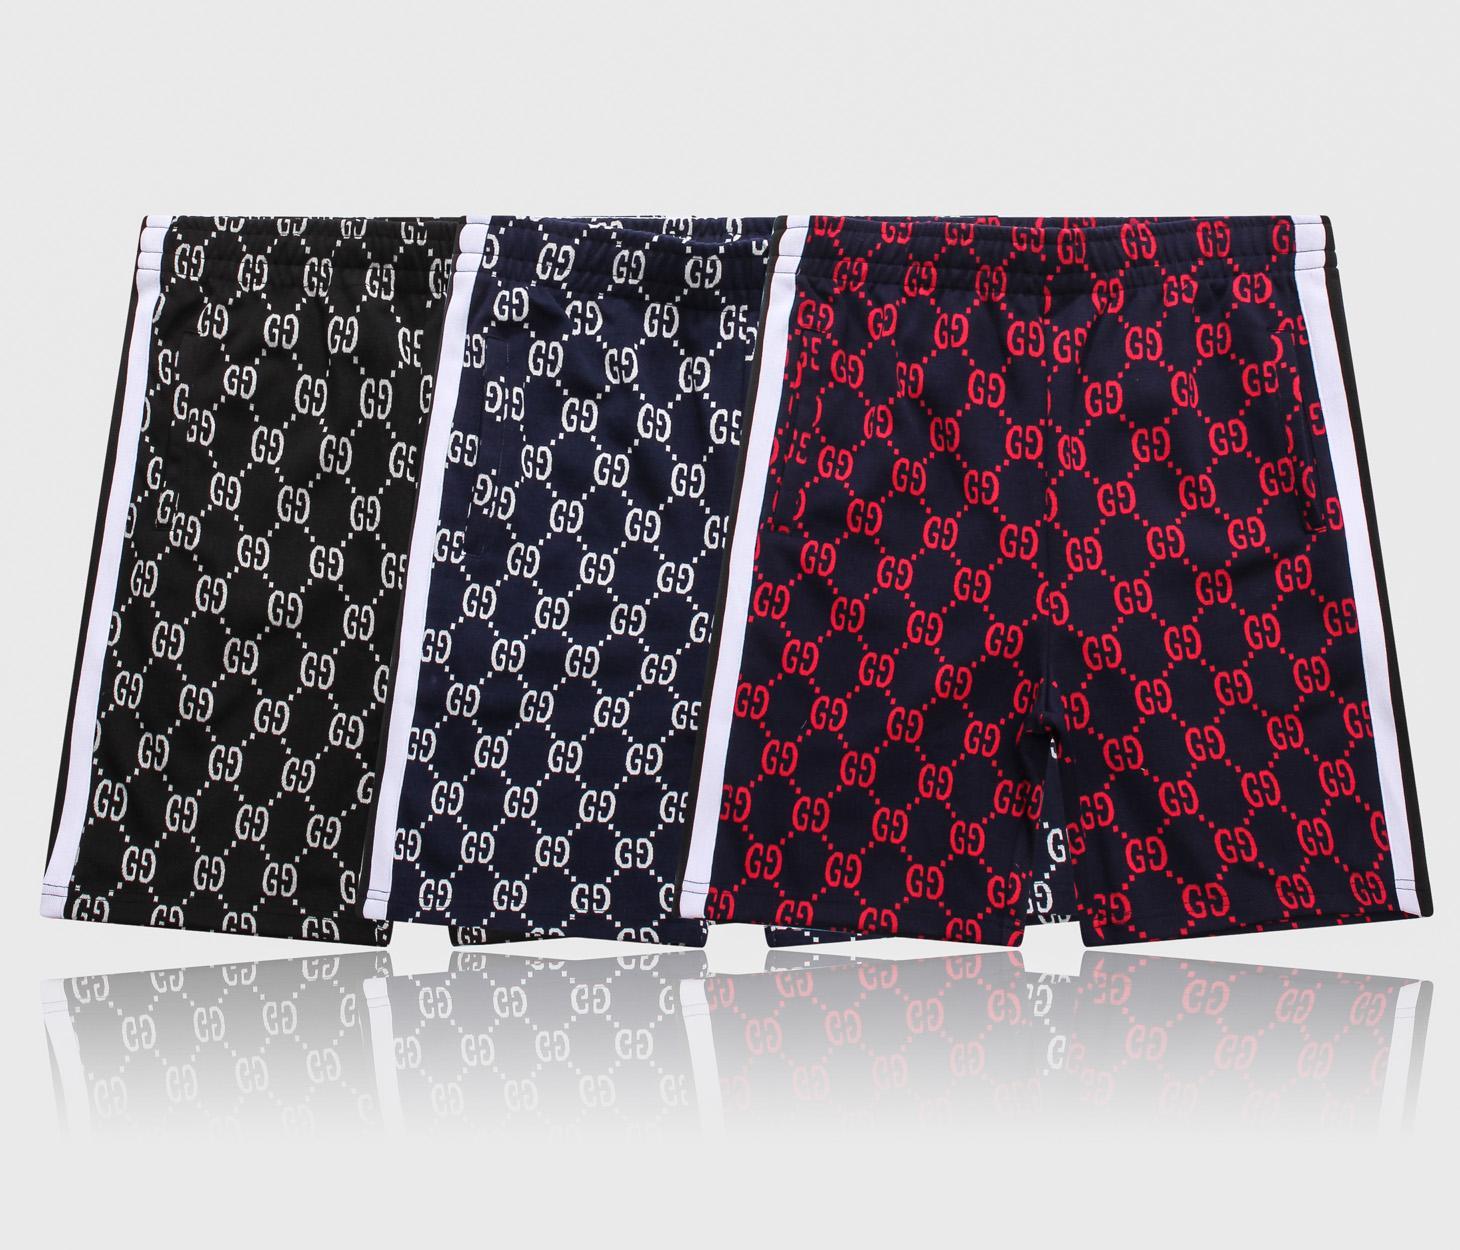 011 Los diseñadores de mesa Hombres Mujeres Pantalones cortos de impresión de letras para hombre de la playa resaca del verano pantalones cortos hombre hombre de alta calidad pone en cortocircuito WMK123